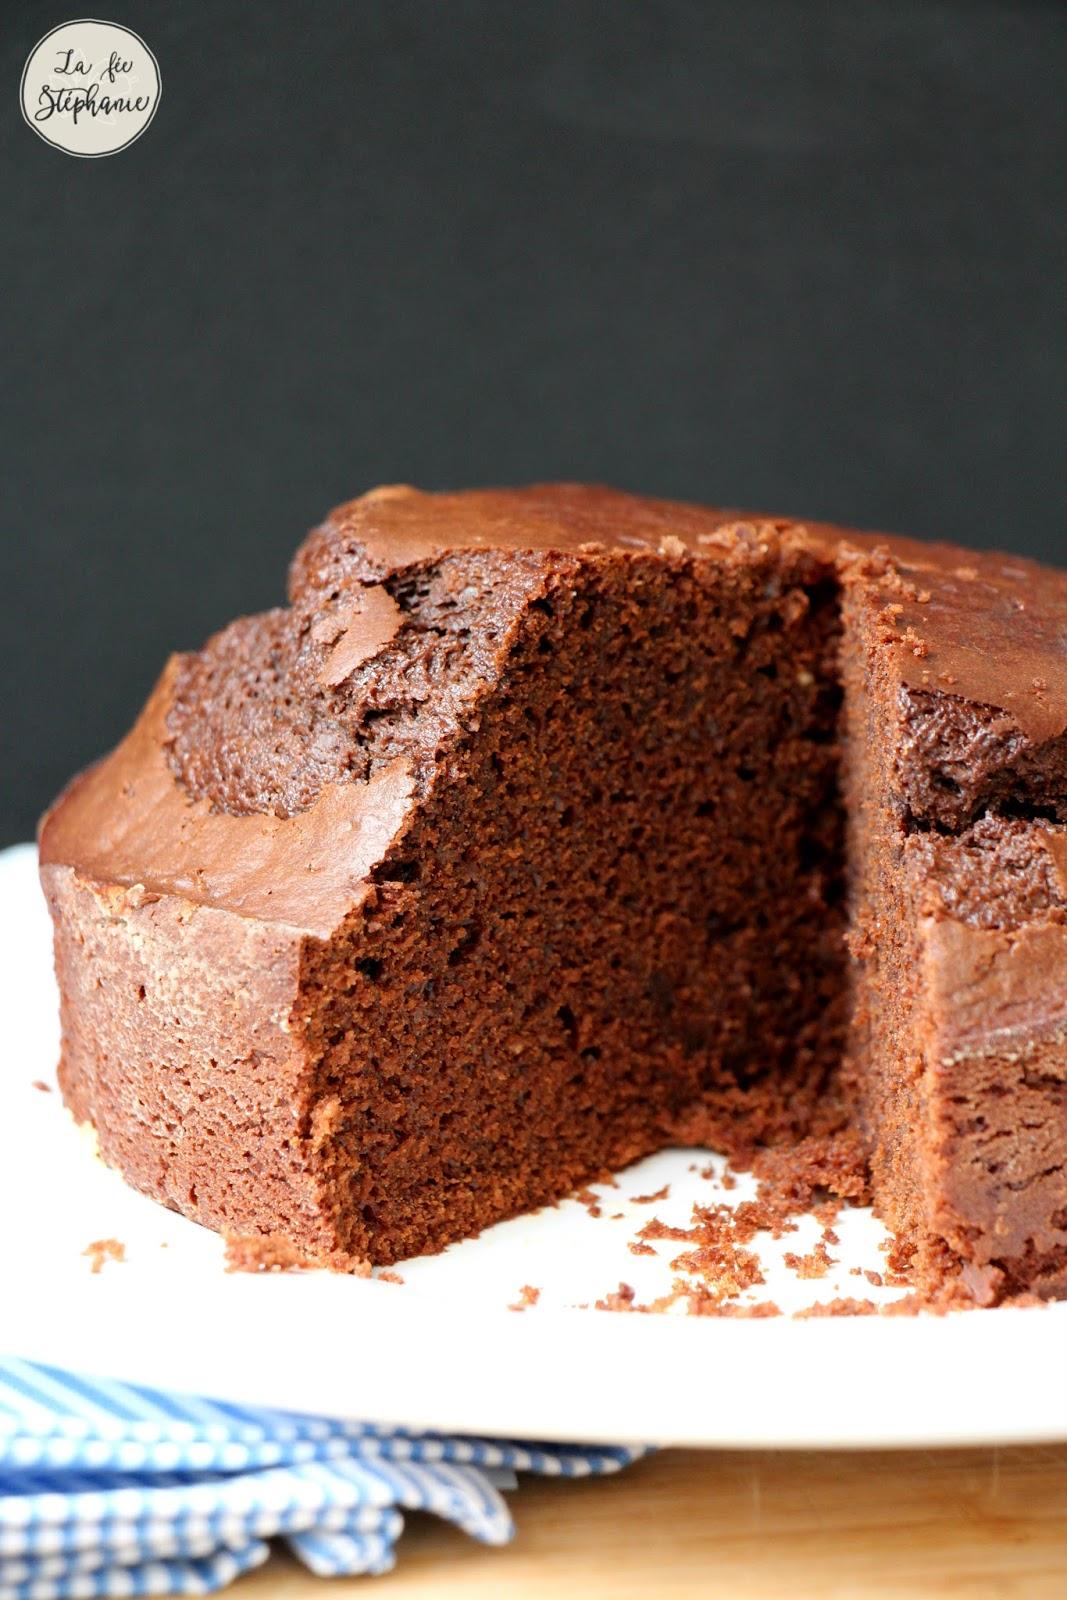 Simple Gateau Au Chocolat Pour Les Z Enfants Recette Sans Beurre Ni